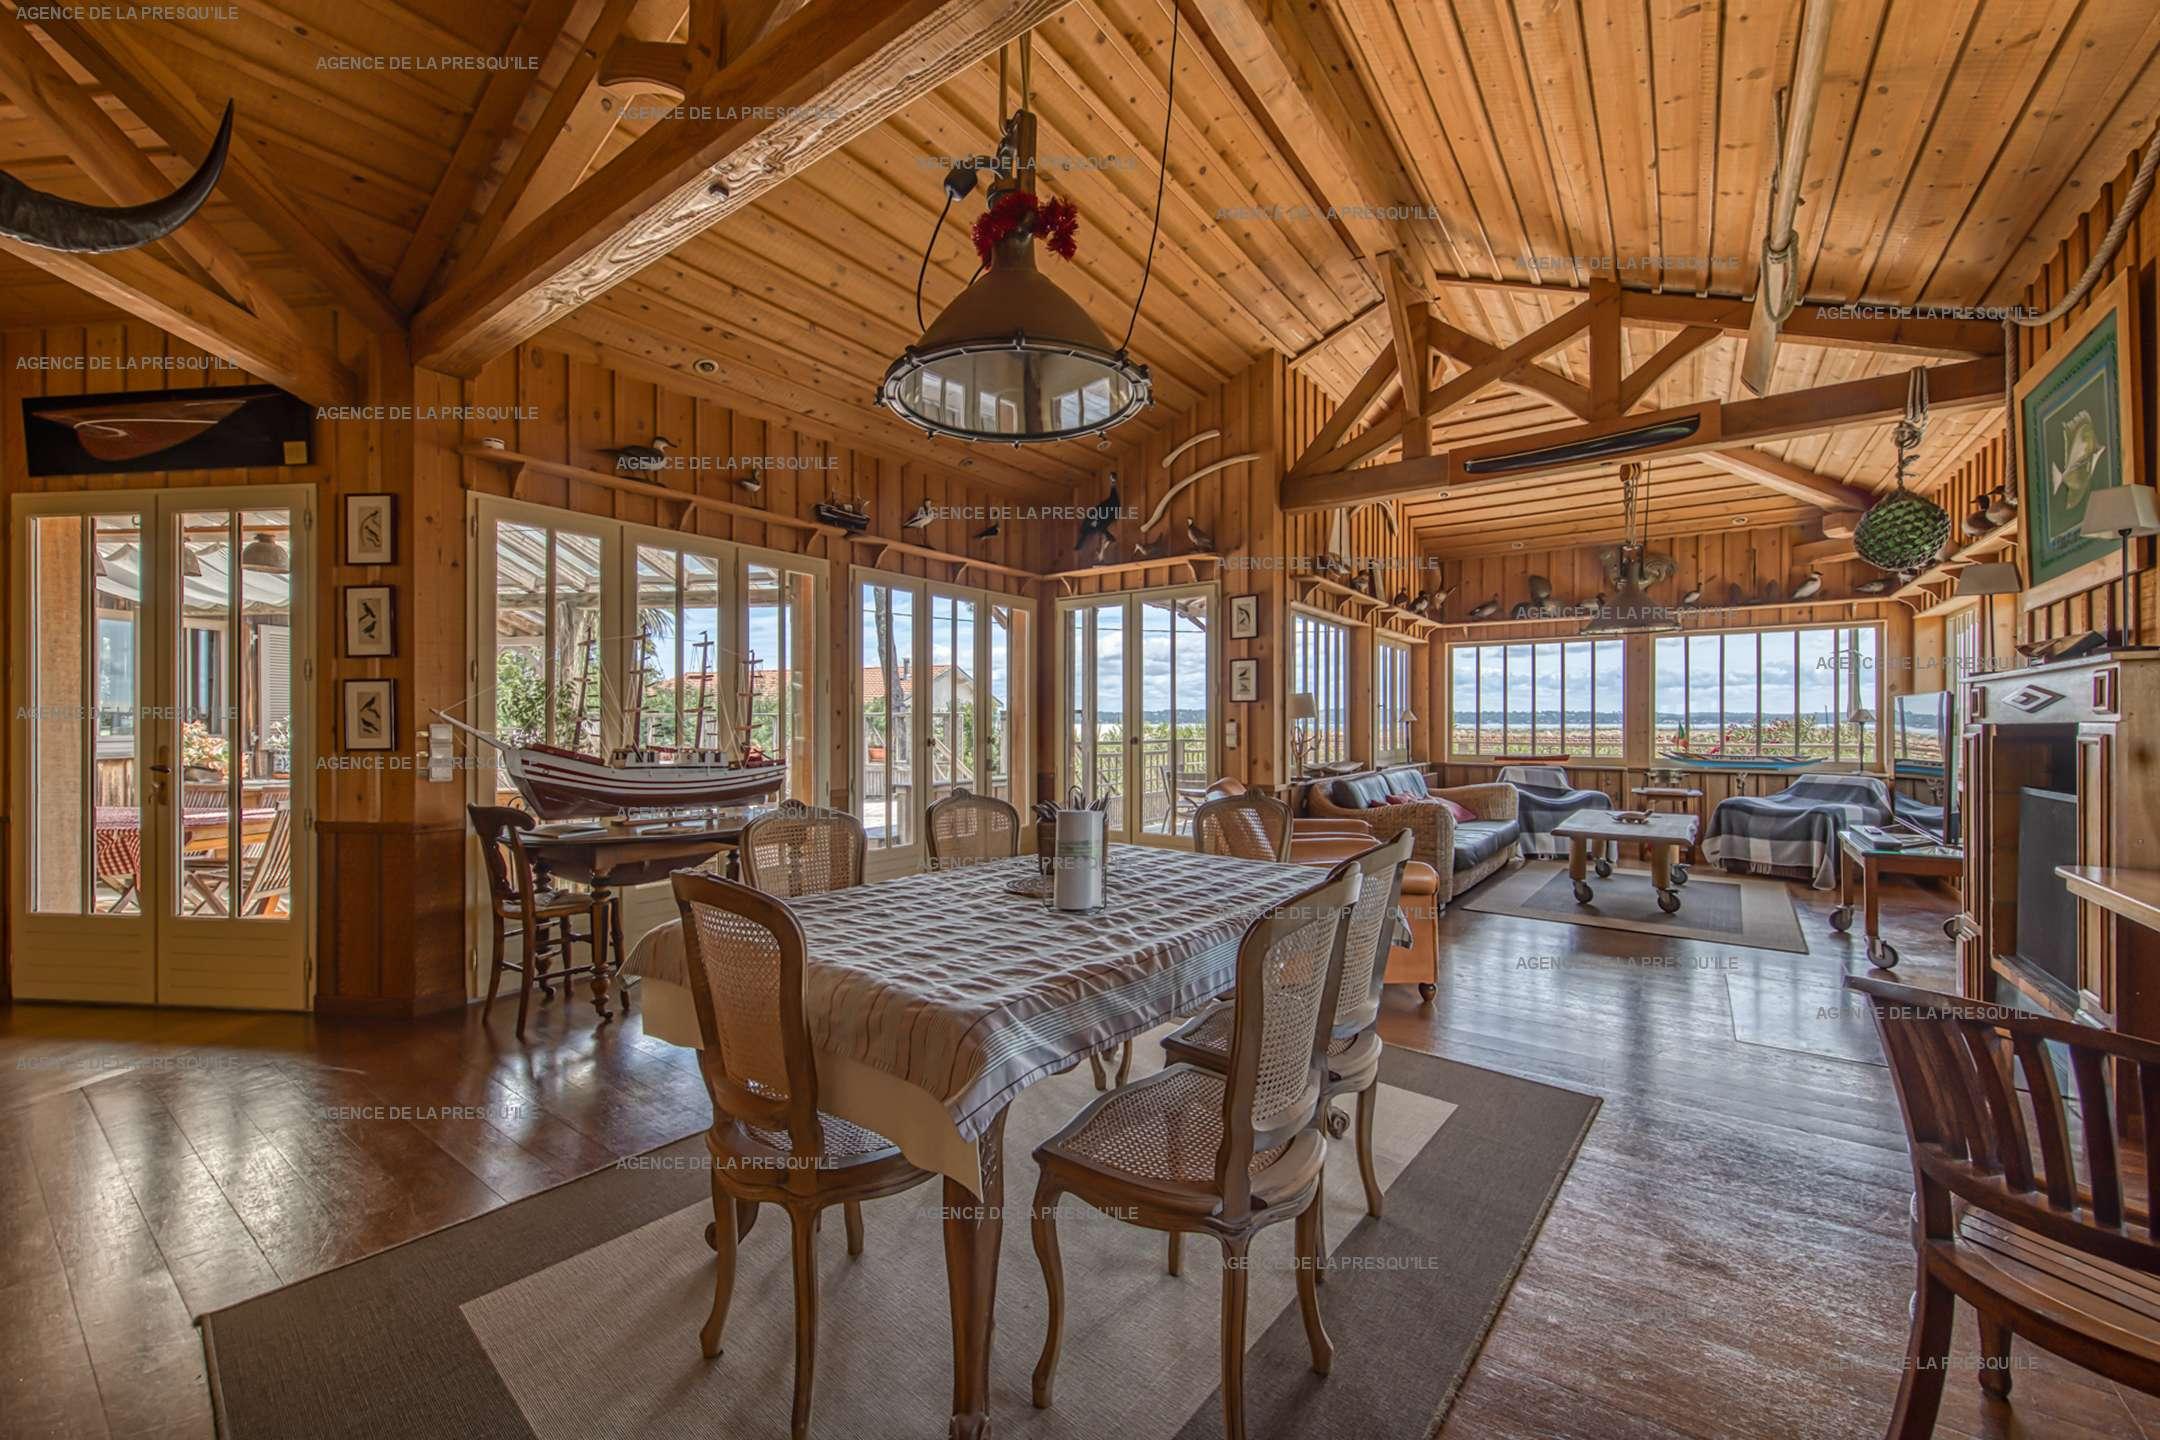 Location: Très belle villa en bois avec vue panoramique sur le bassin 3